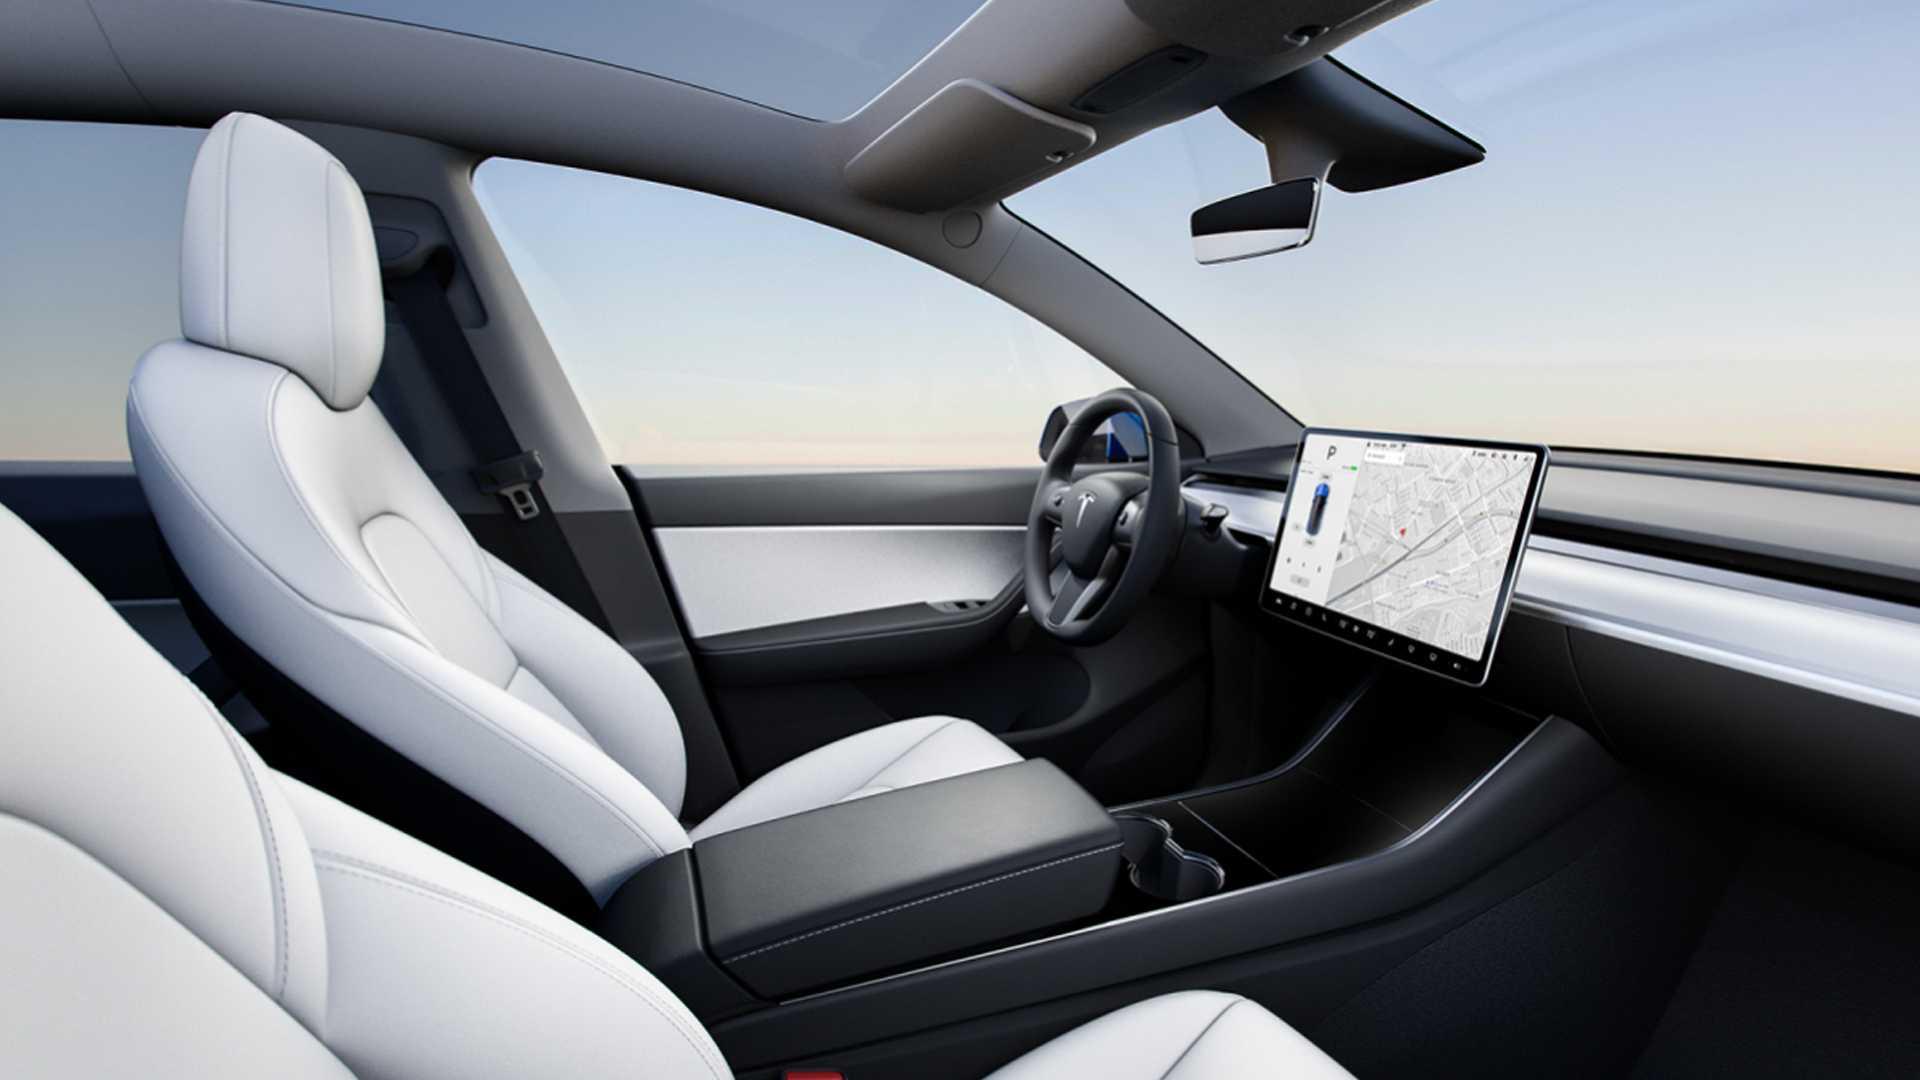 2021-tesla-model-y-interior.jpg